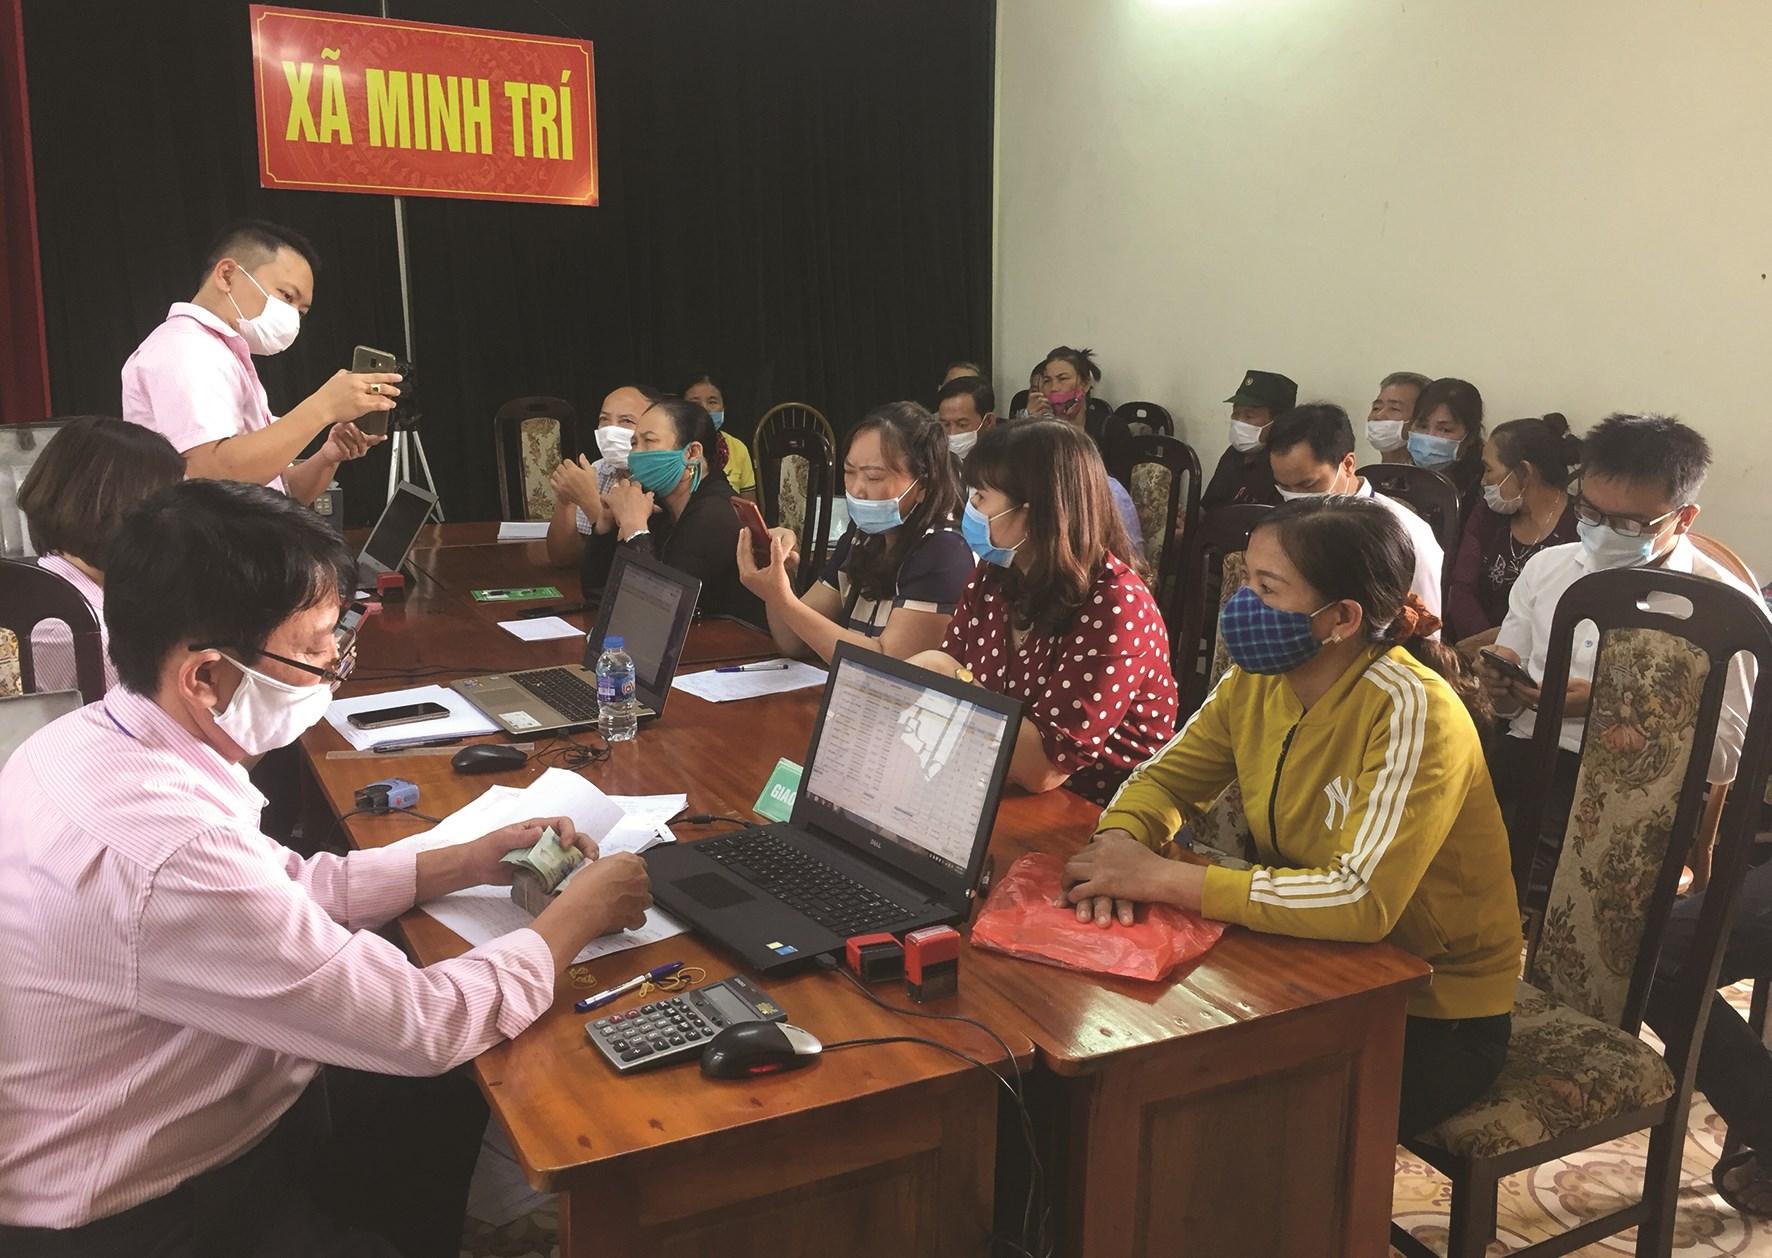 Cán bộ NHCSXH hướng dẫn cài đặt giáo dục tài chính tại các điểm giao dịch xã ở TP. Hà Nội